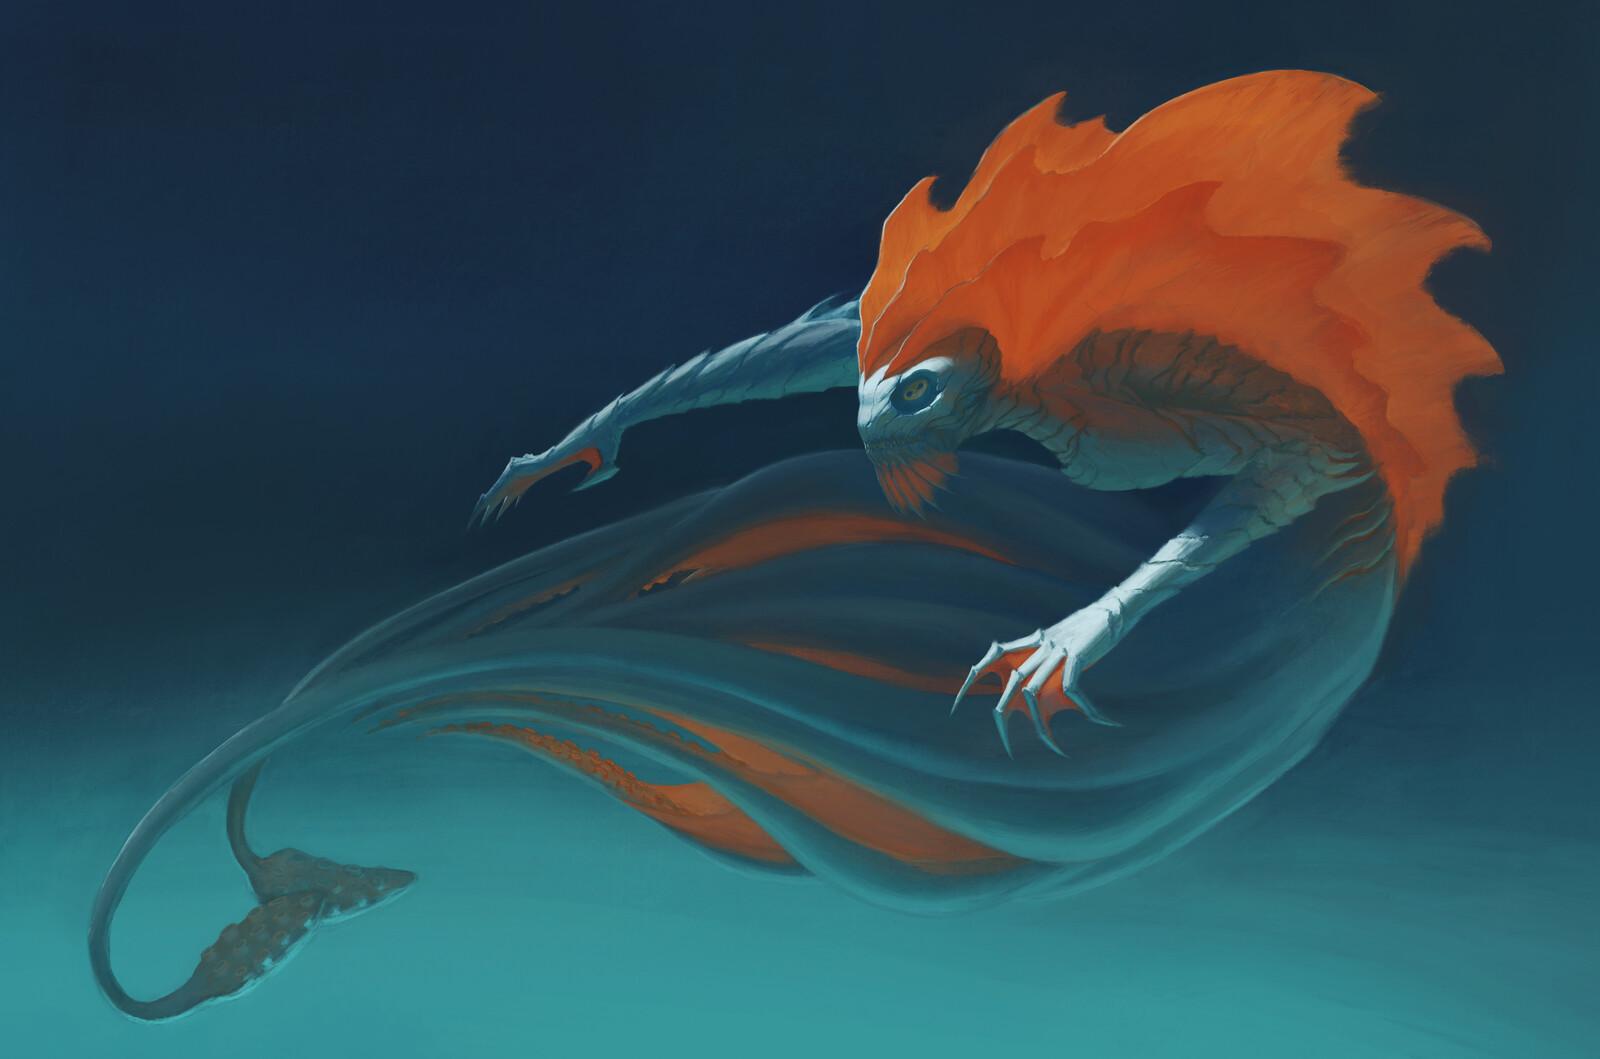 Personal IP: Mermaid Type Creature